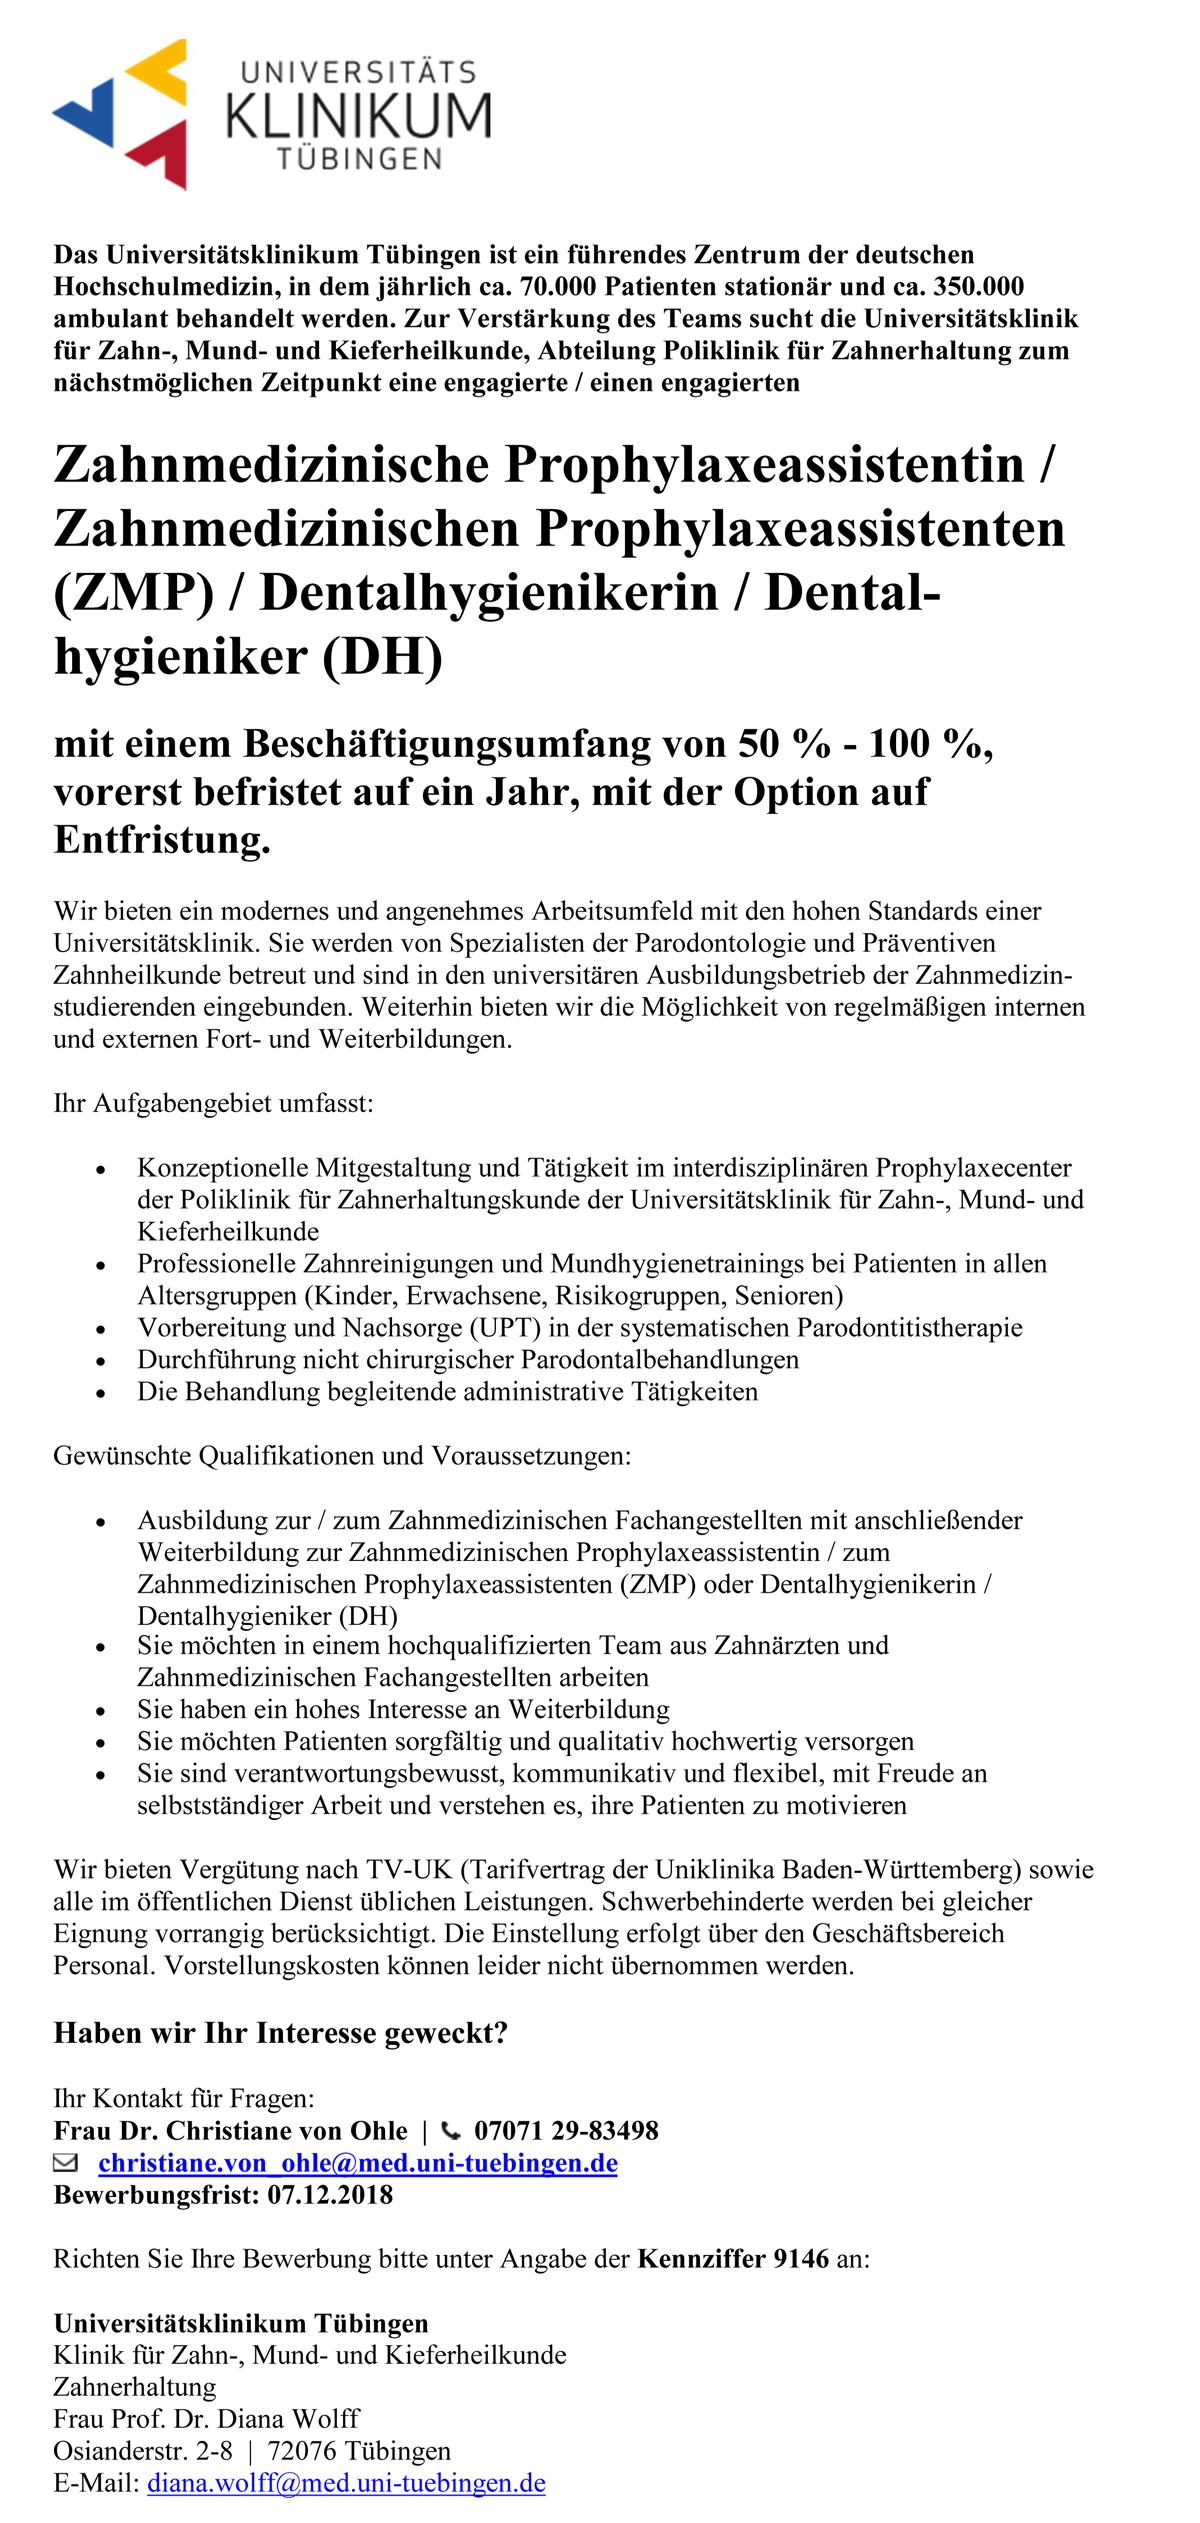 Dentalhygieniker_Universitätsklinikum-Tübingen_2018_11